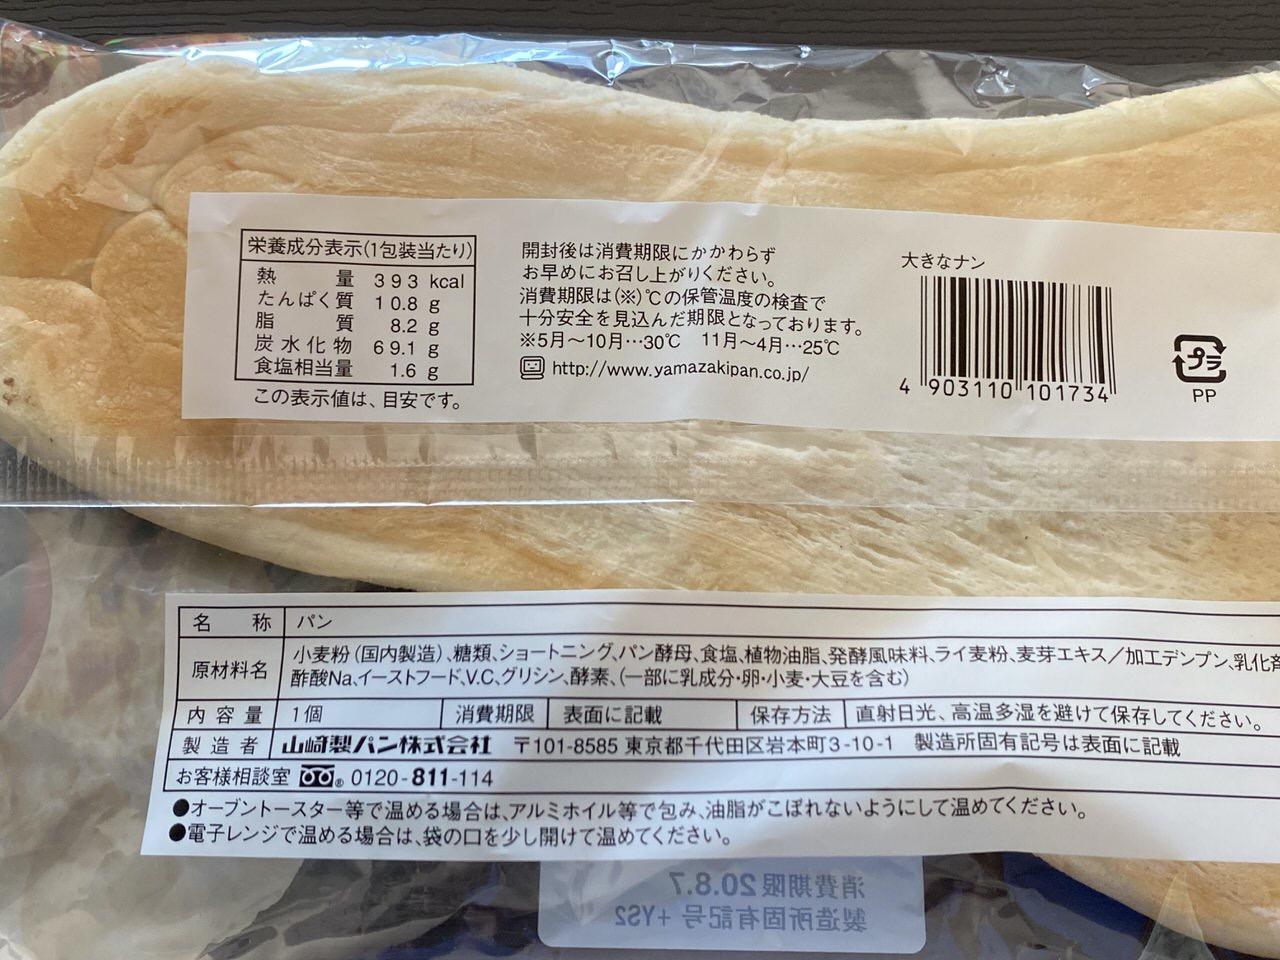 【ローソン100】「大きなナン(通称100円ナン)」4